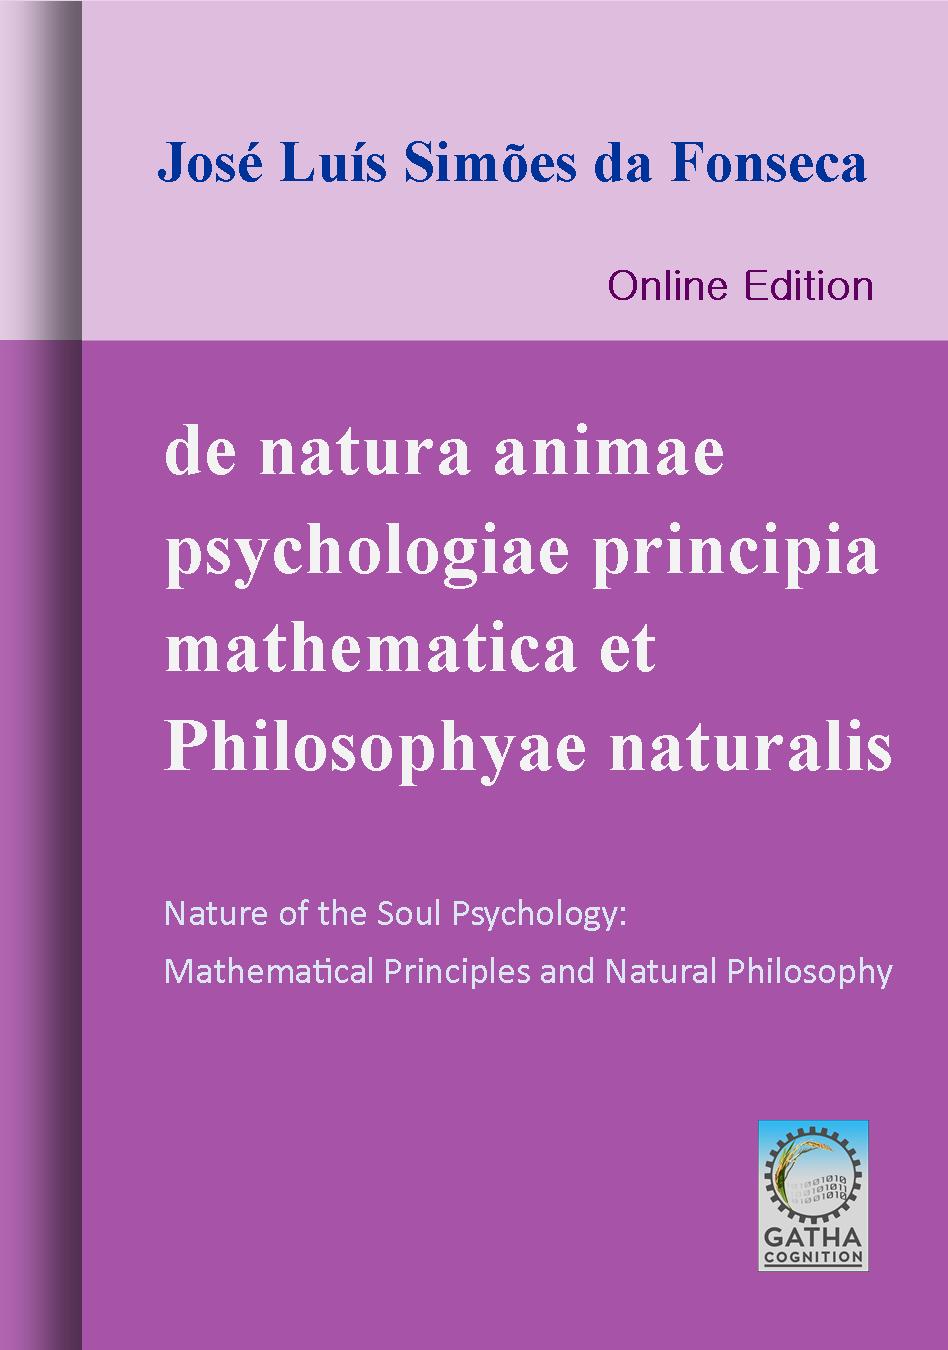 de natura animae psychologiae principia mathematica et philosophyae naturalis